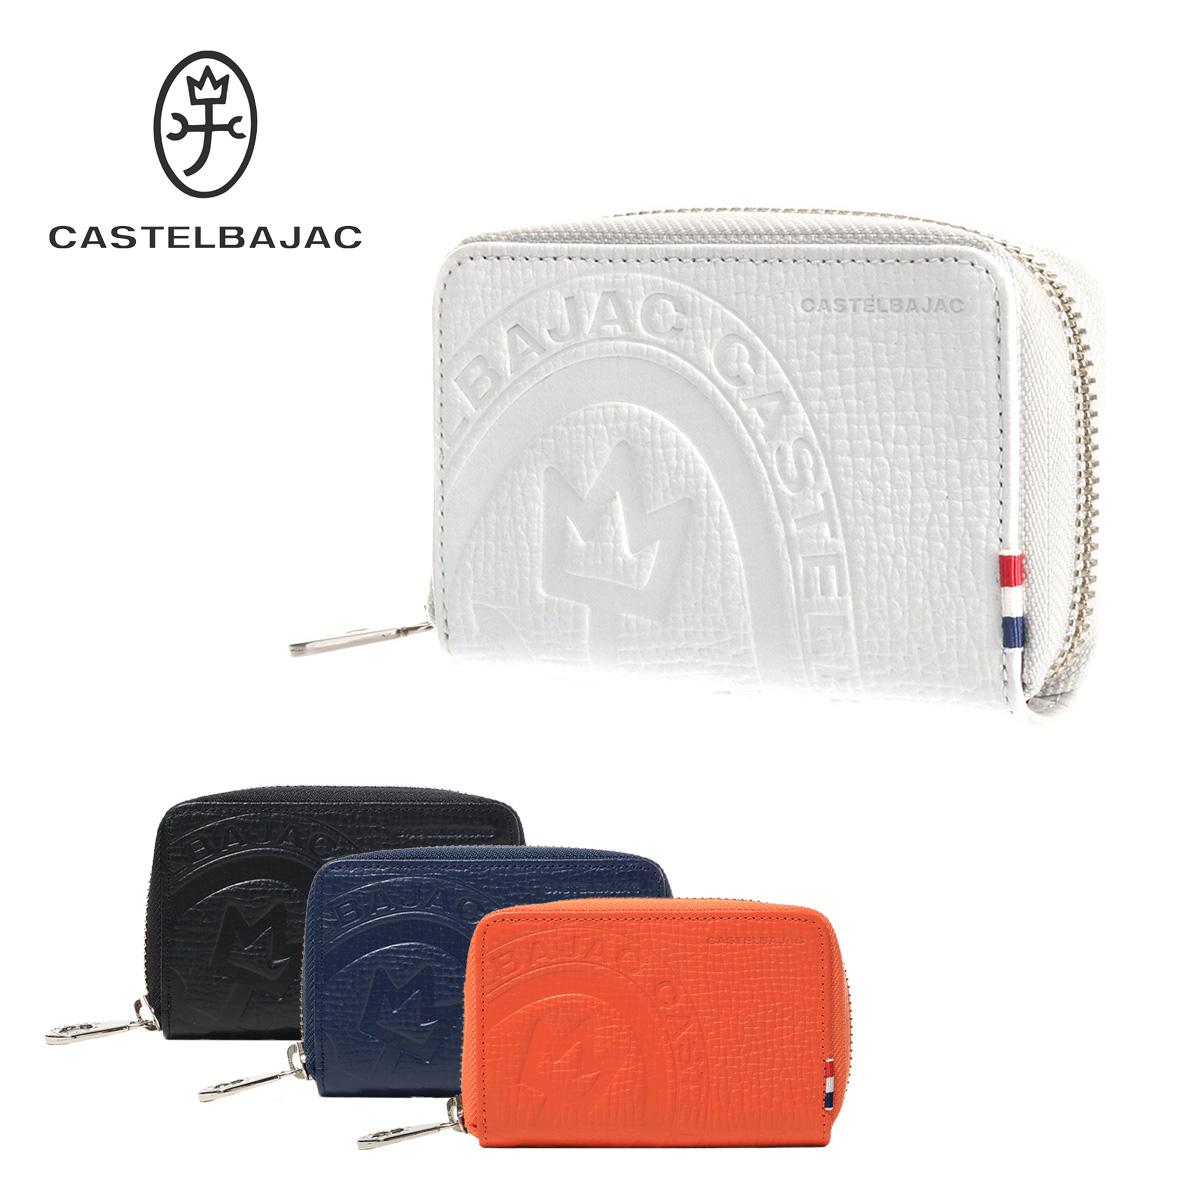 カステルバジャック キーケース メンズ ピッコロ 022612 CASTELBAJAC[PO10][bef][即日発送]